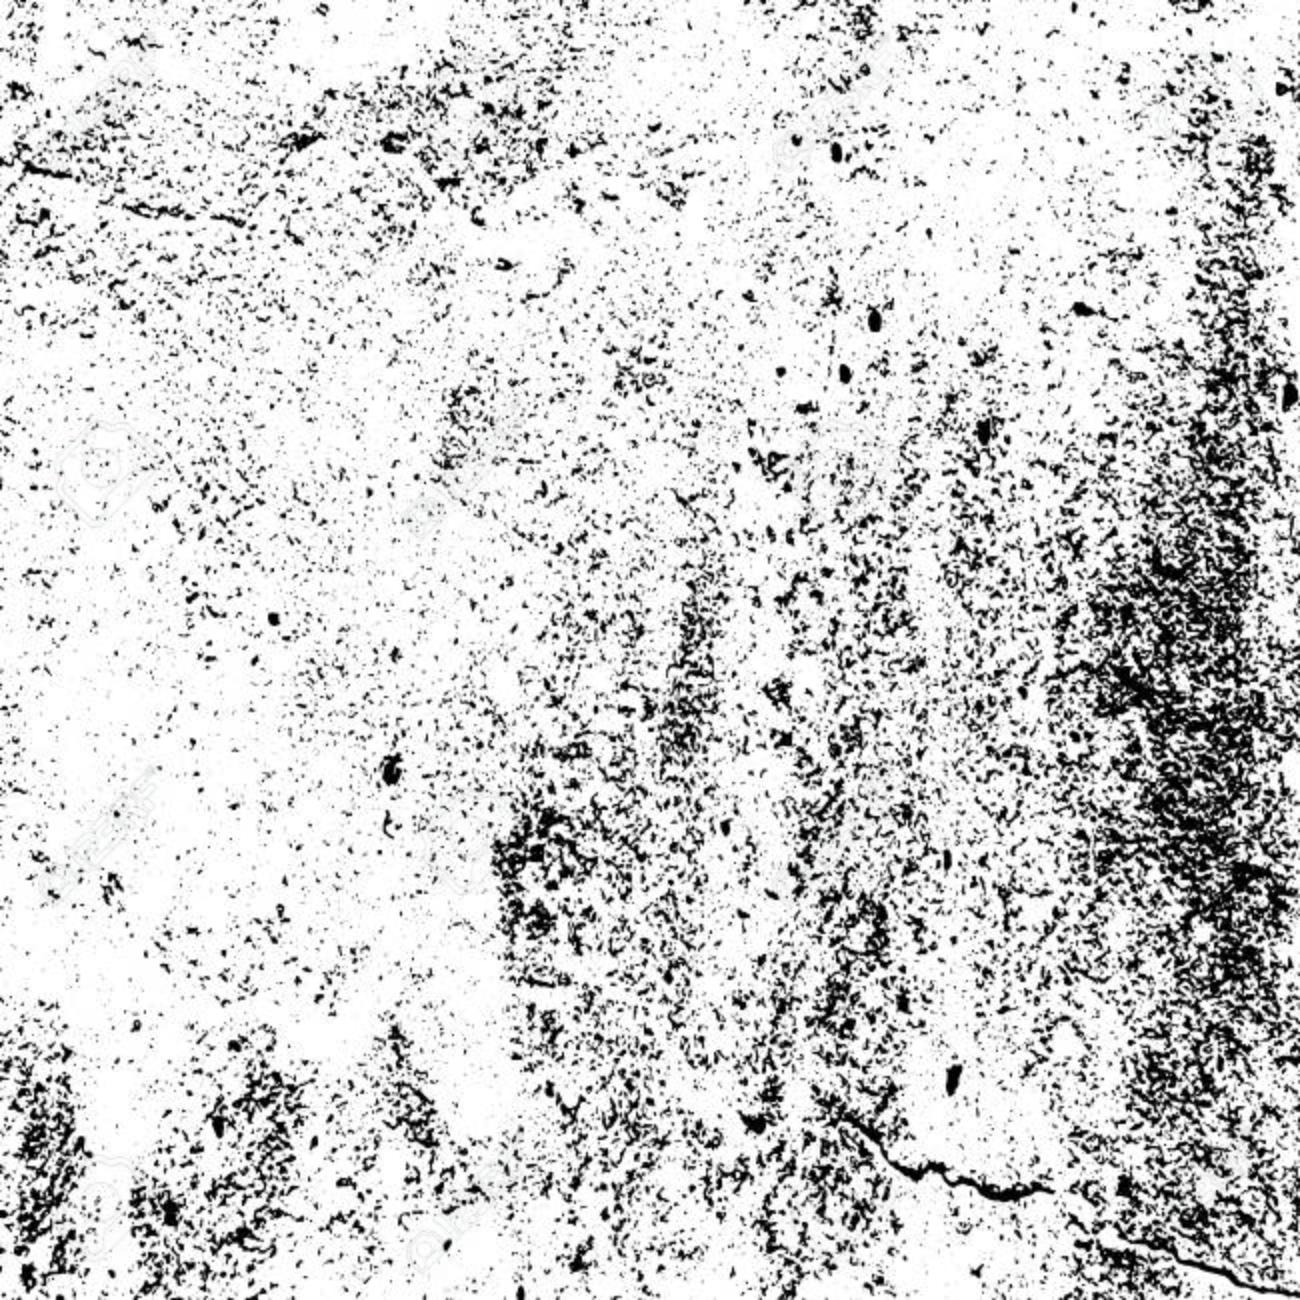 Grunge Texture Grunge Background Grunge Effect Grunge Overlay Grunge